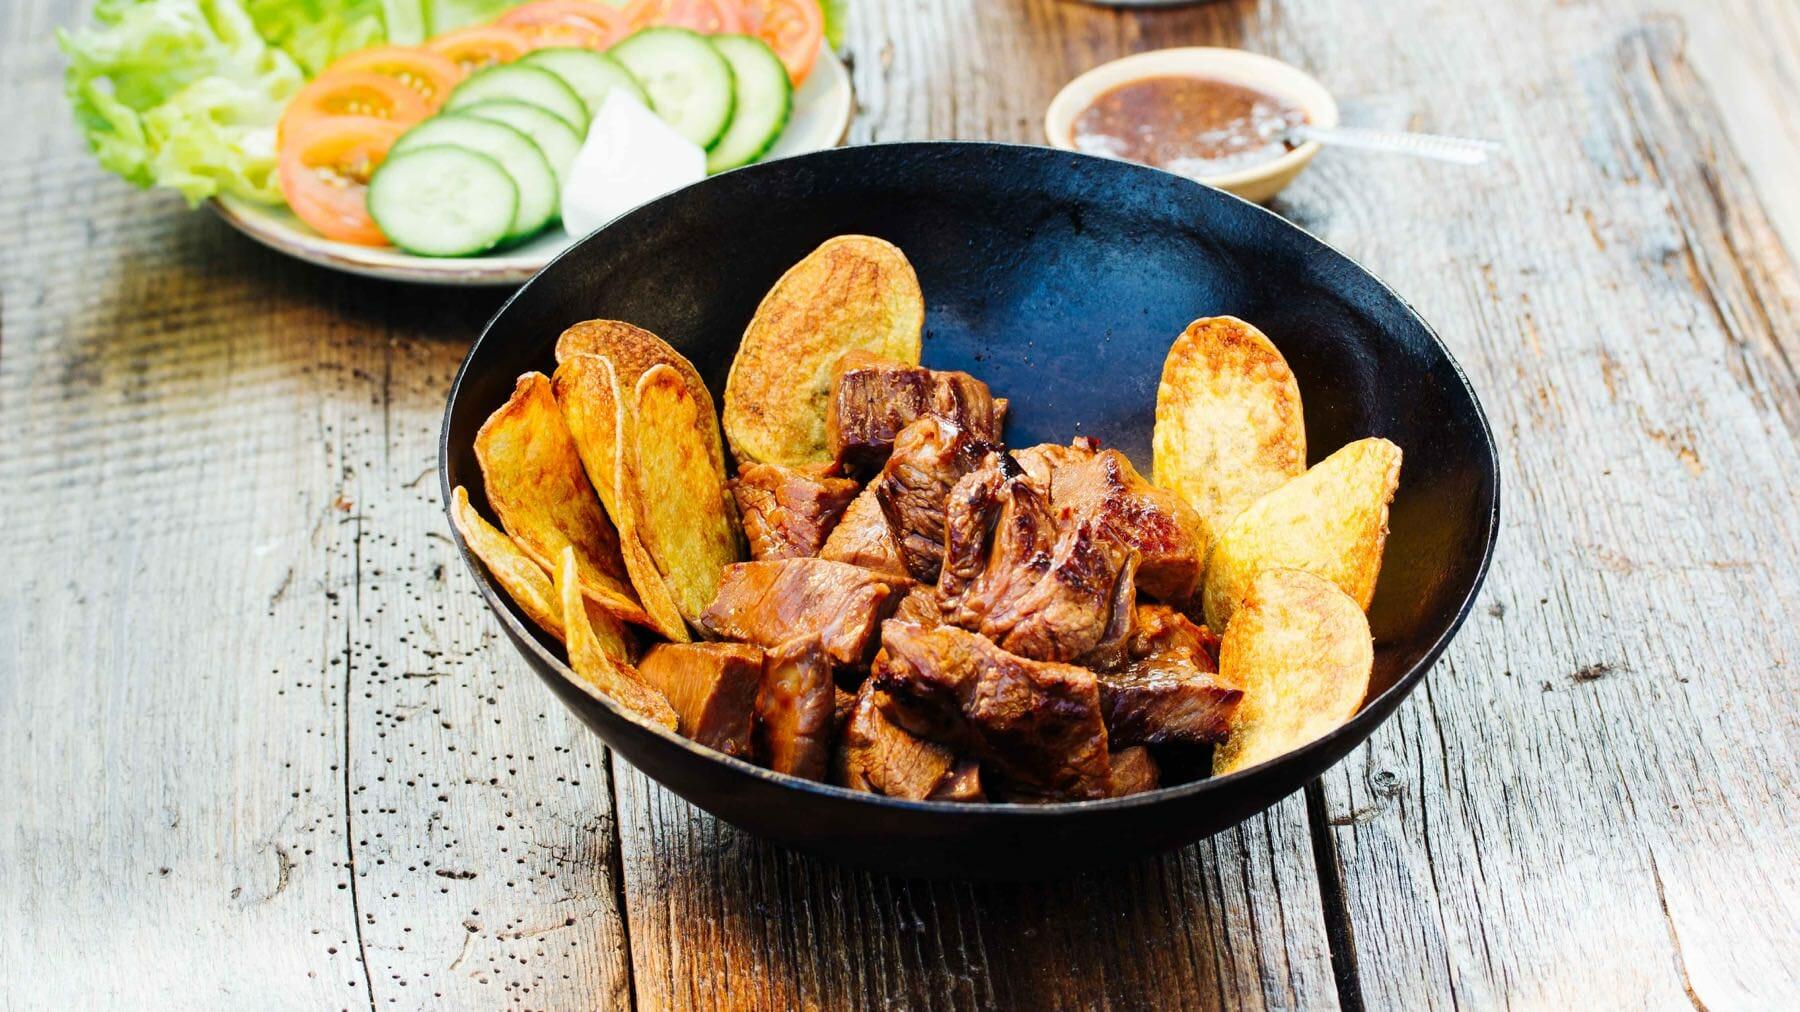 Beef Lok Lak – Rindfleisch aus dem Wok mit Pfeffersauce